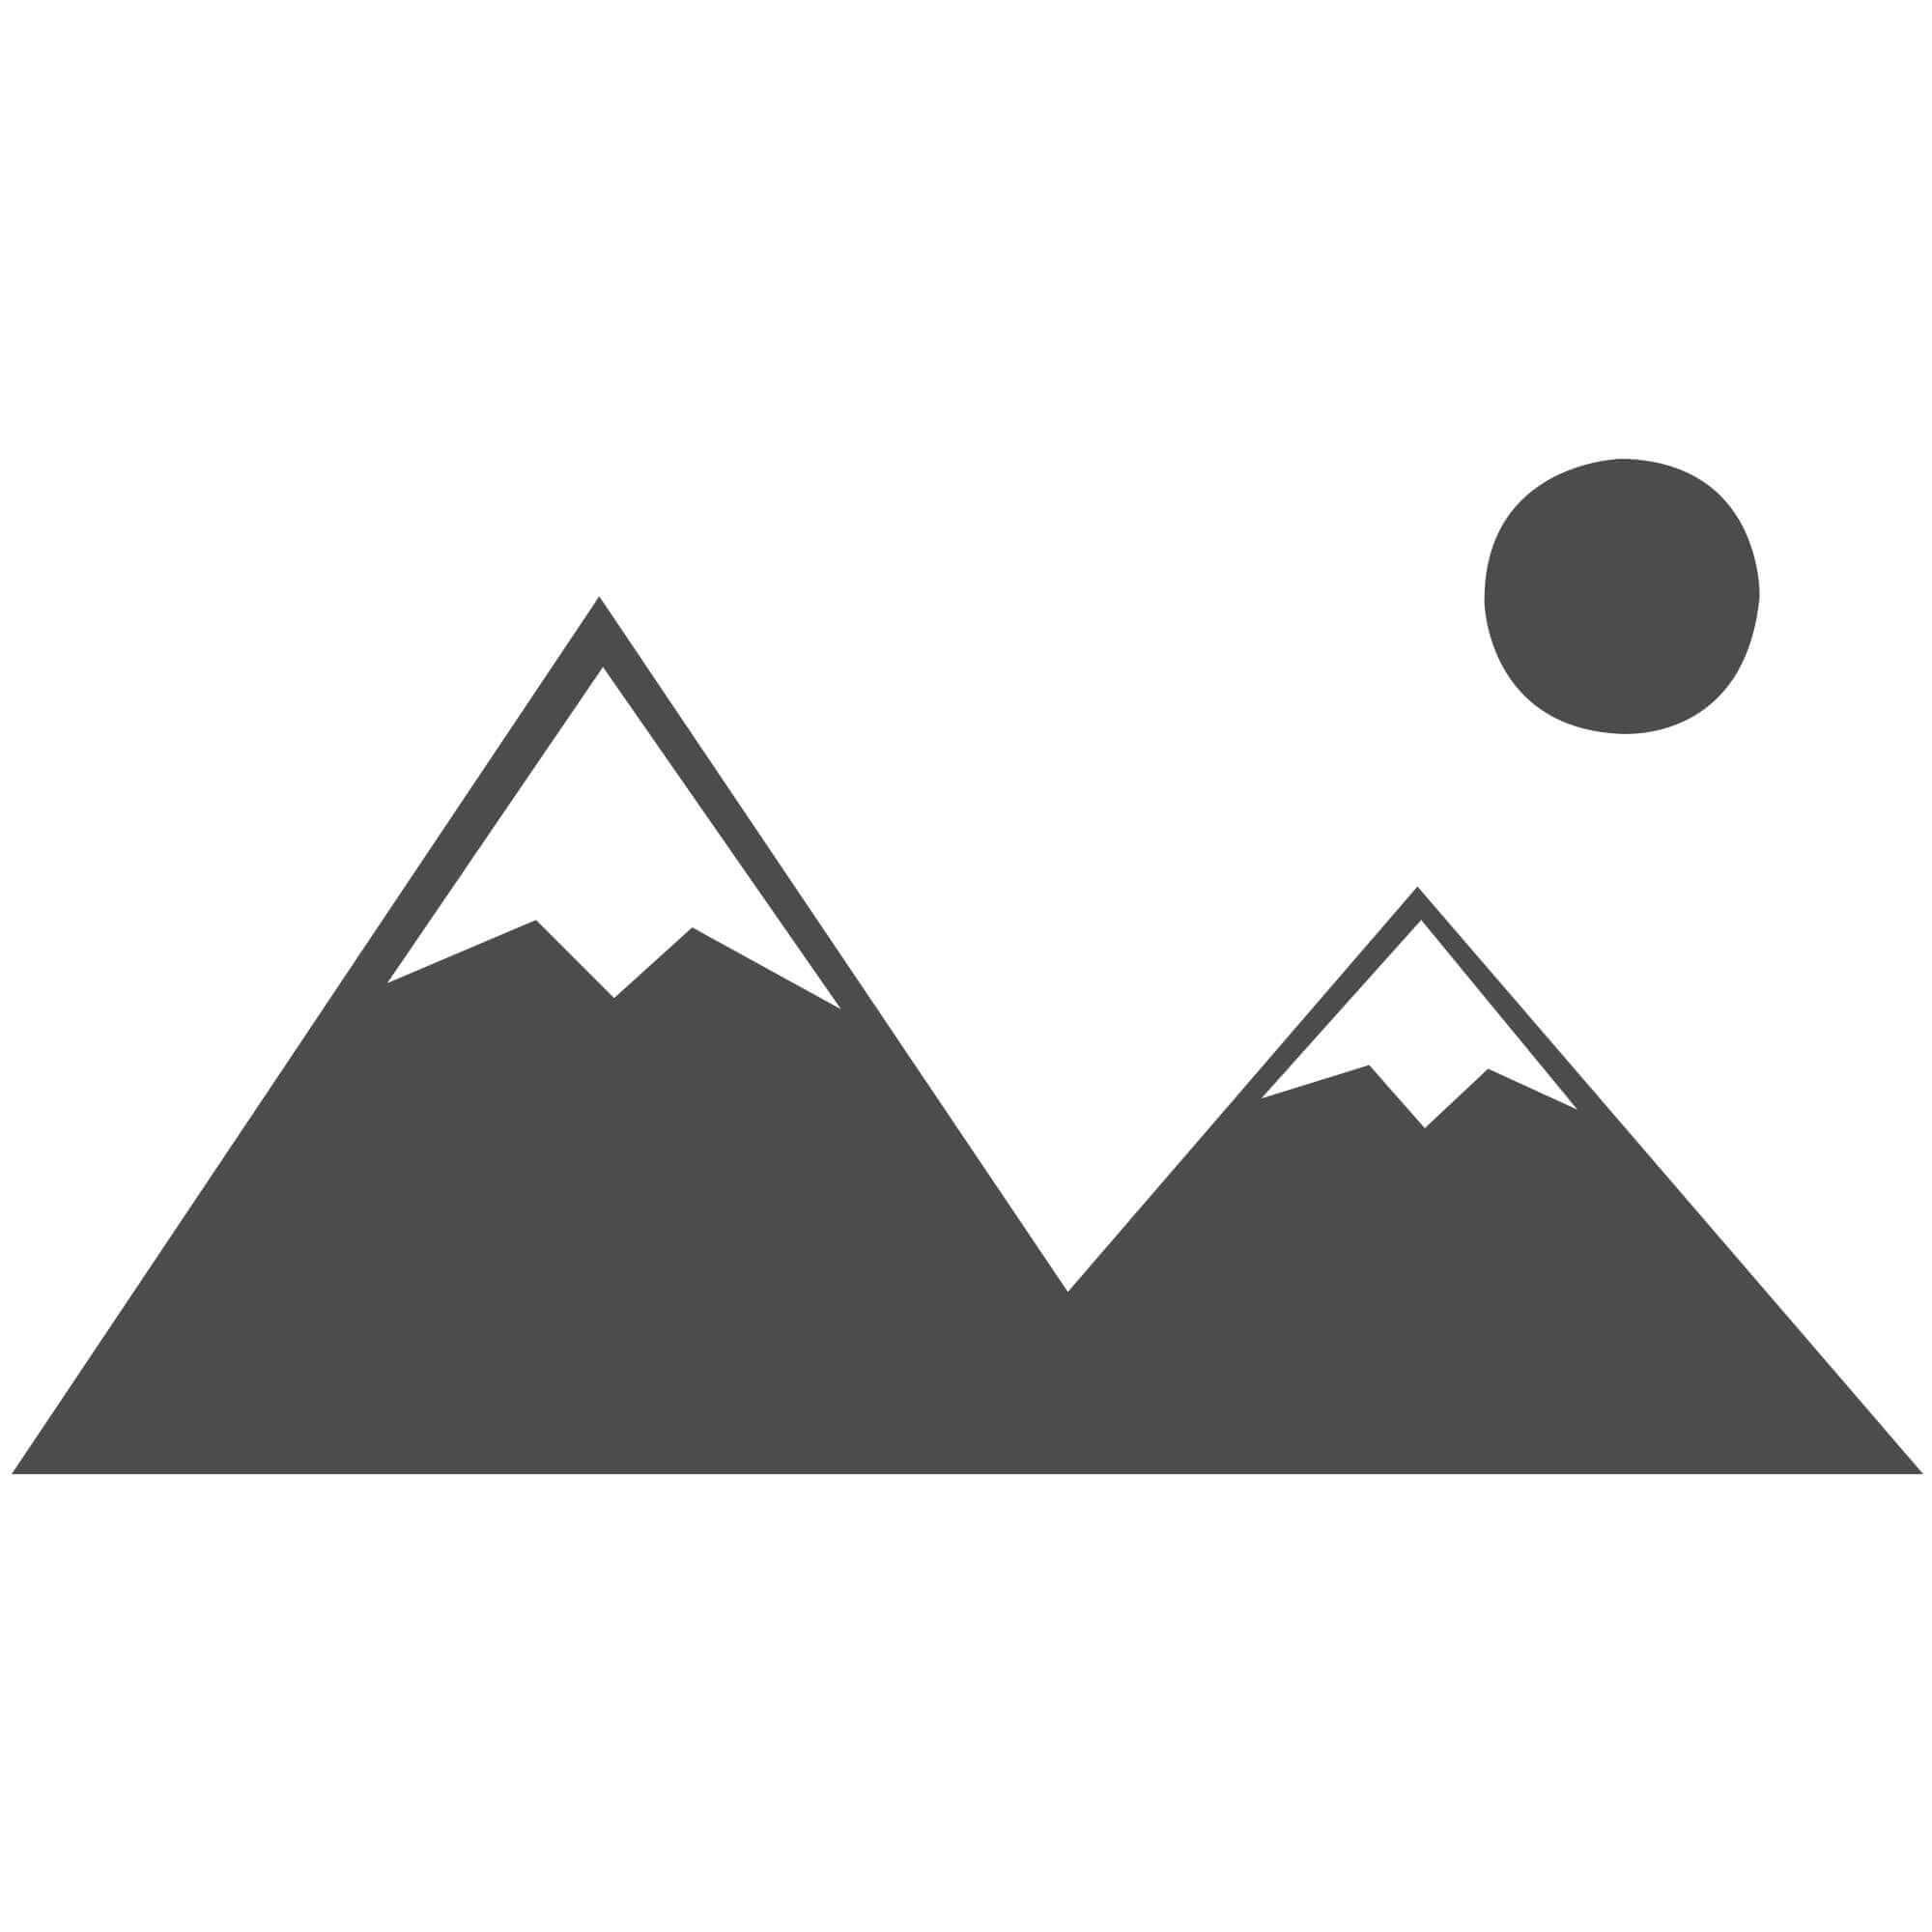 British Sheepskin Rug  - Cornflower Blue